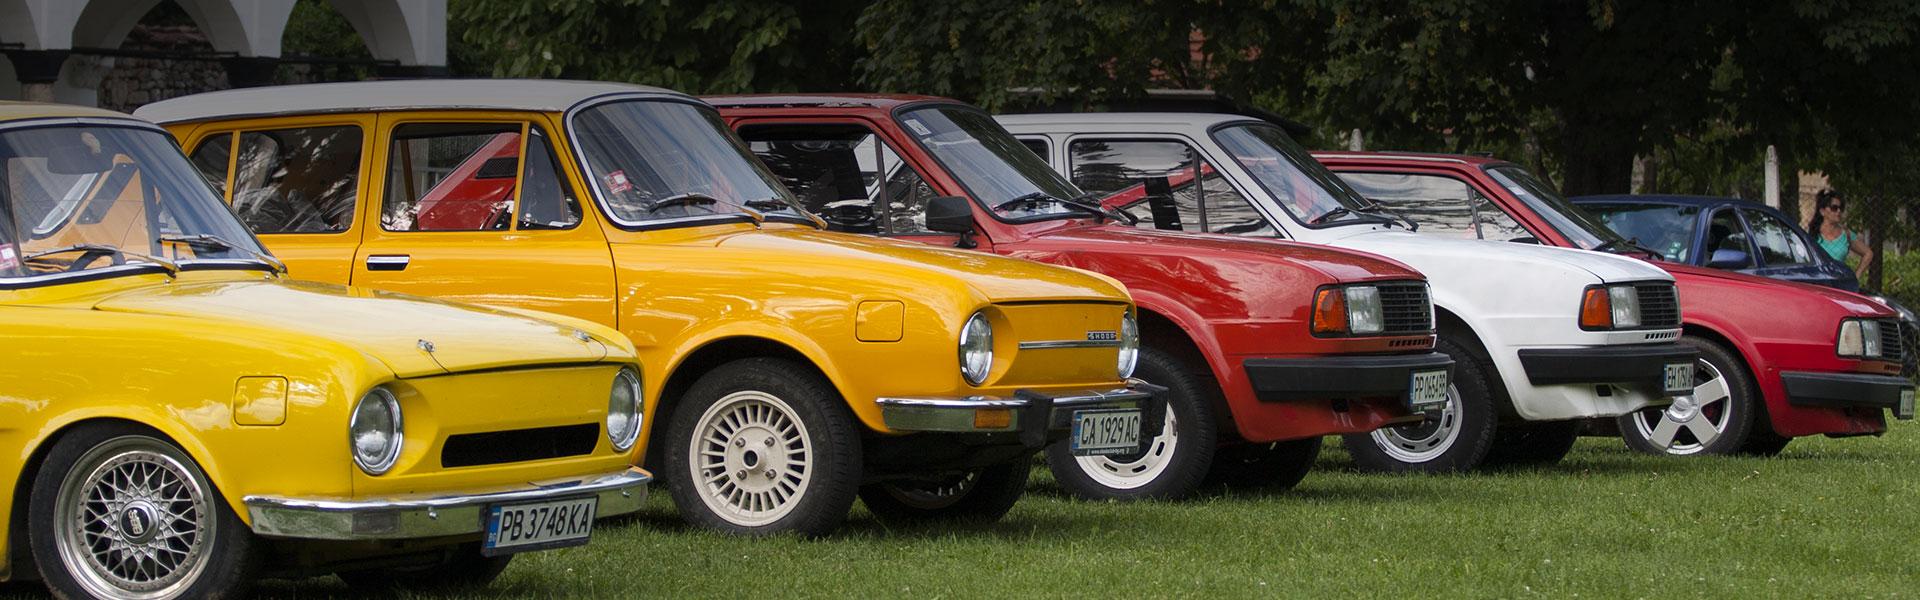 <p>Заповядайте и се регистрирайте в най-атрактивният и полезен форум за автомобили с марката Шкода.</p>